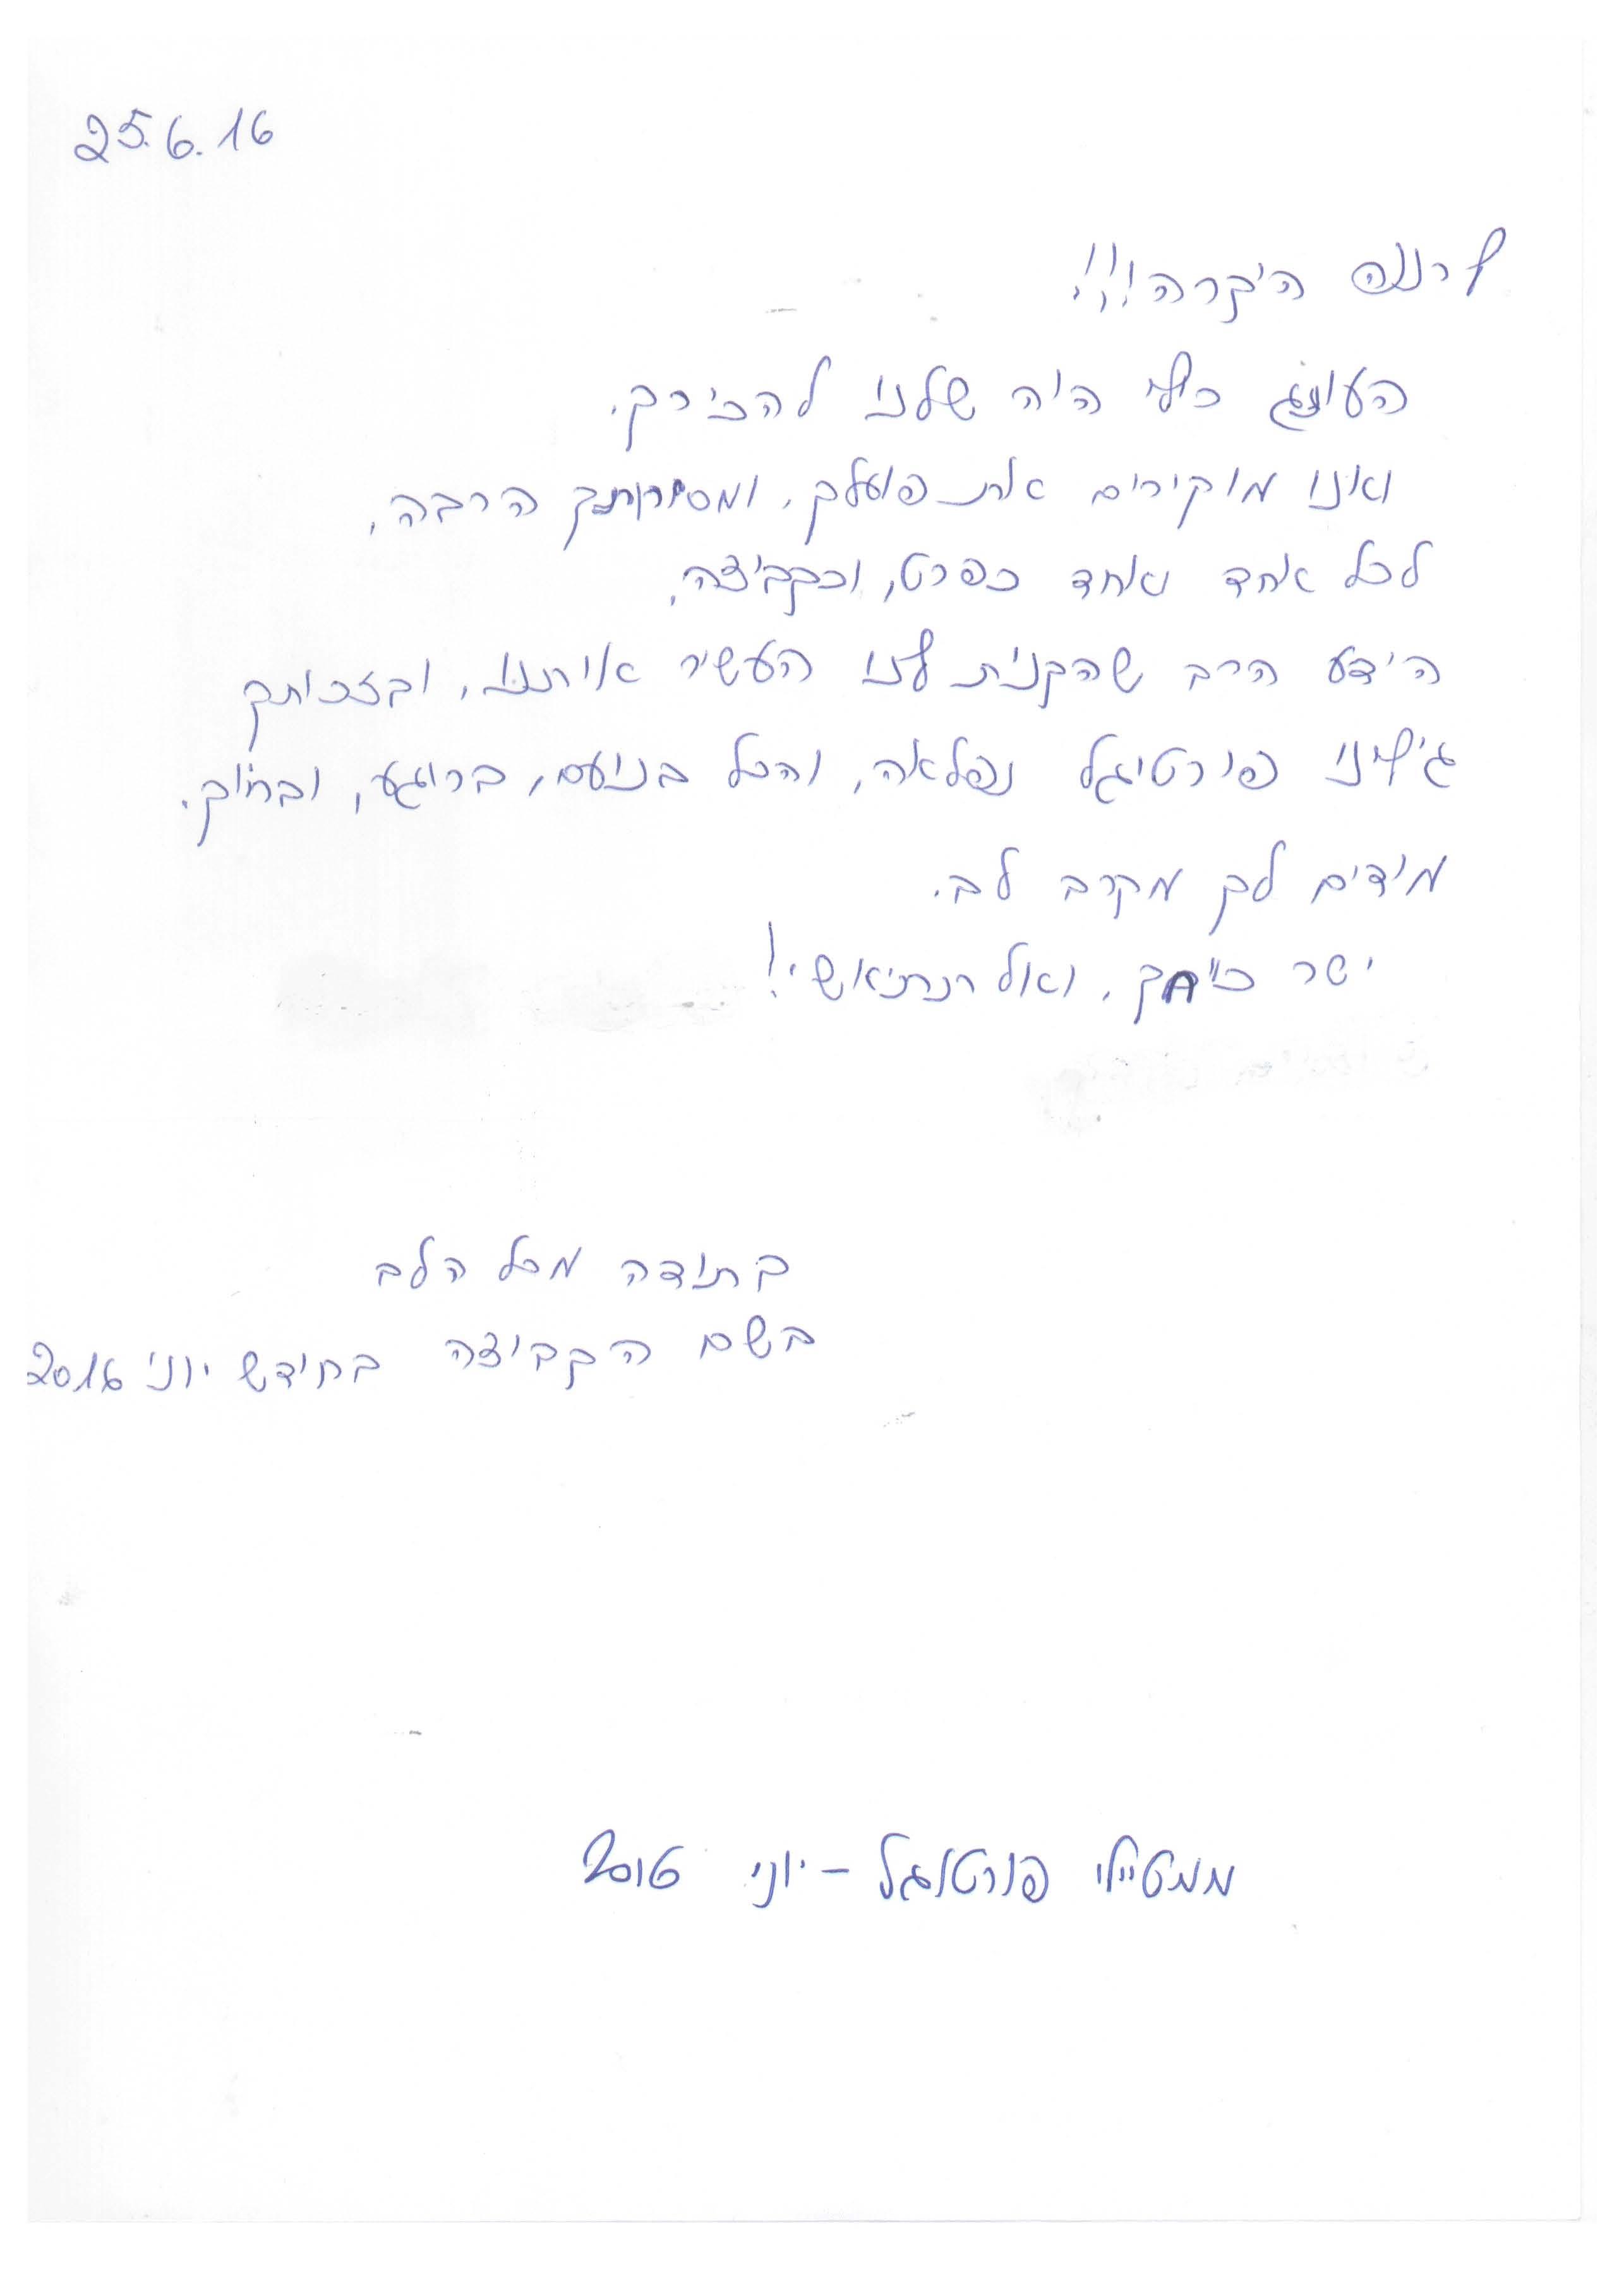 רננה ירדני, פוטוגל 6.2016